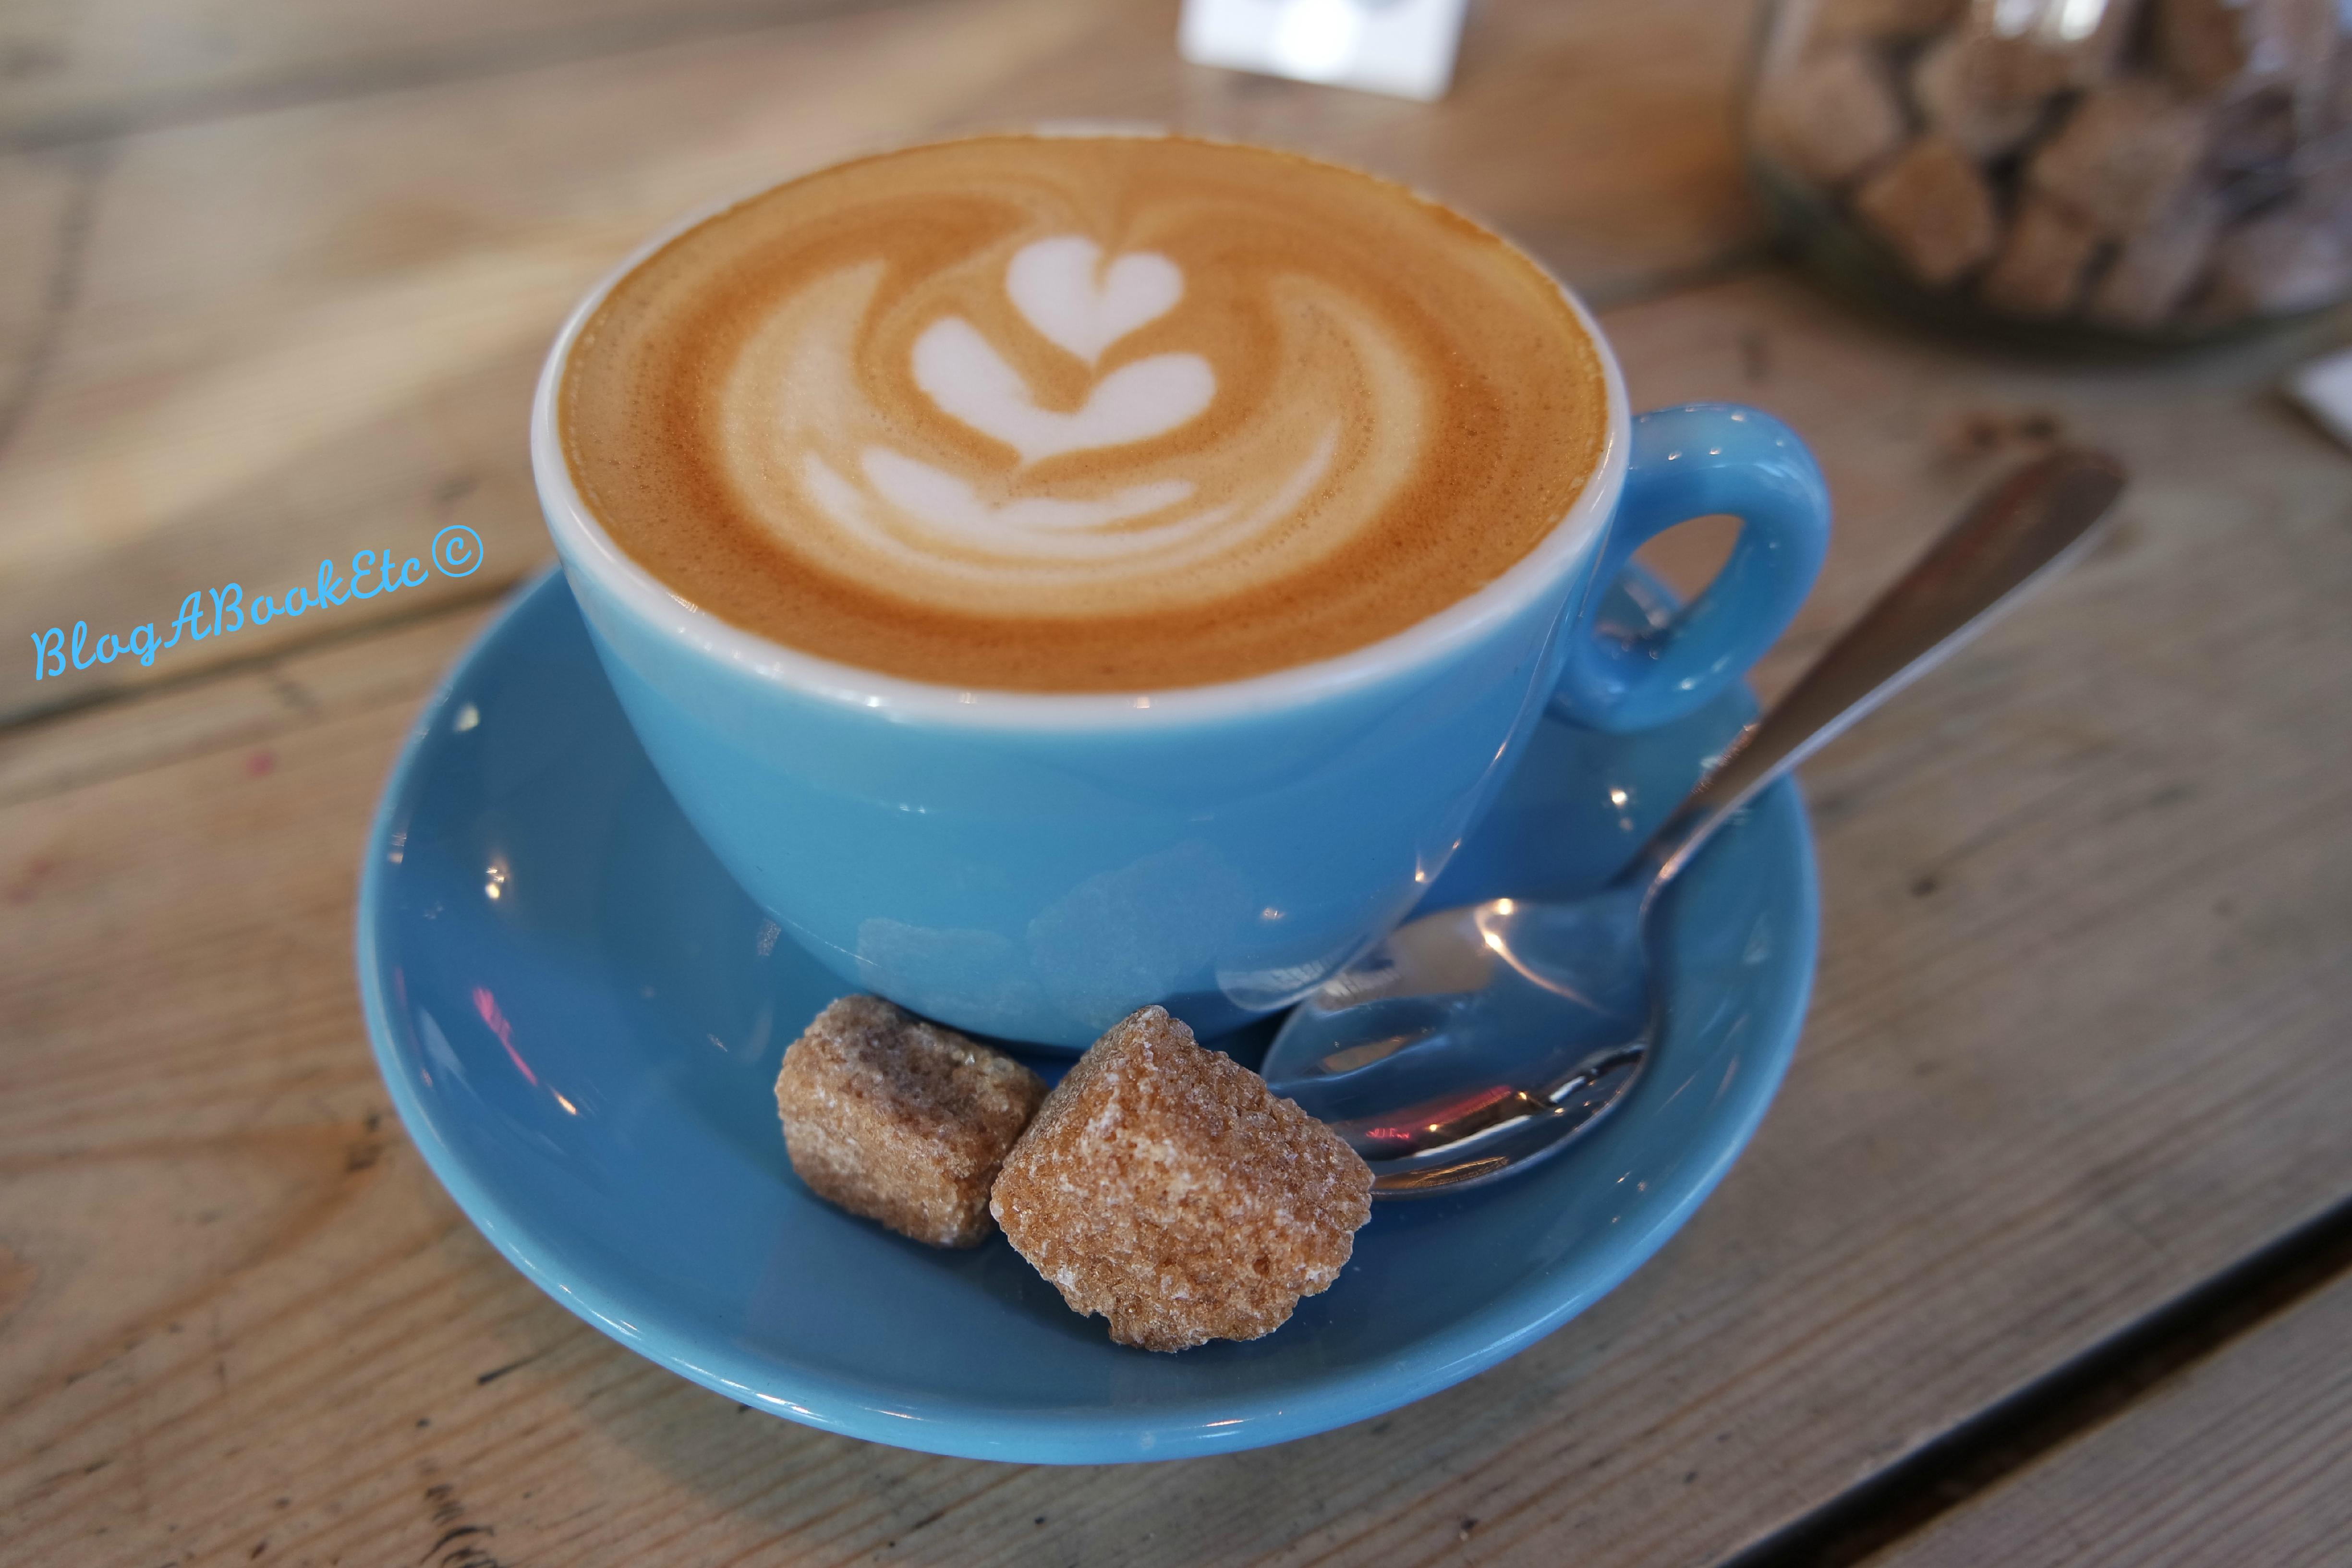 M1LK, Coffee, Sugar, Drinks, Food, Breakfast, Blog A Book Etc, Fay